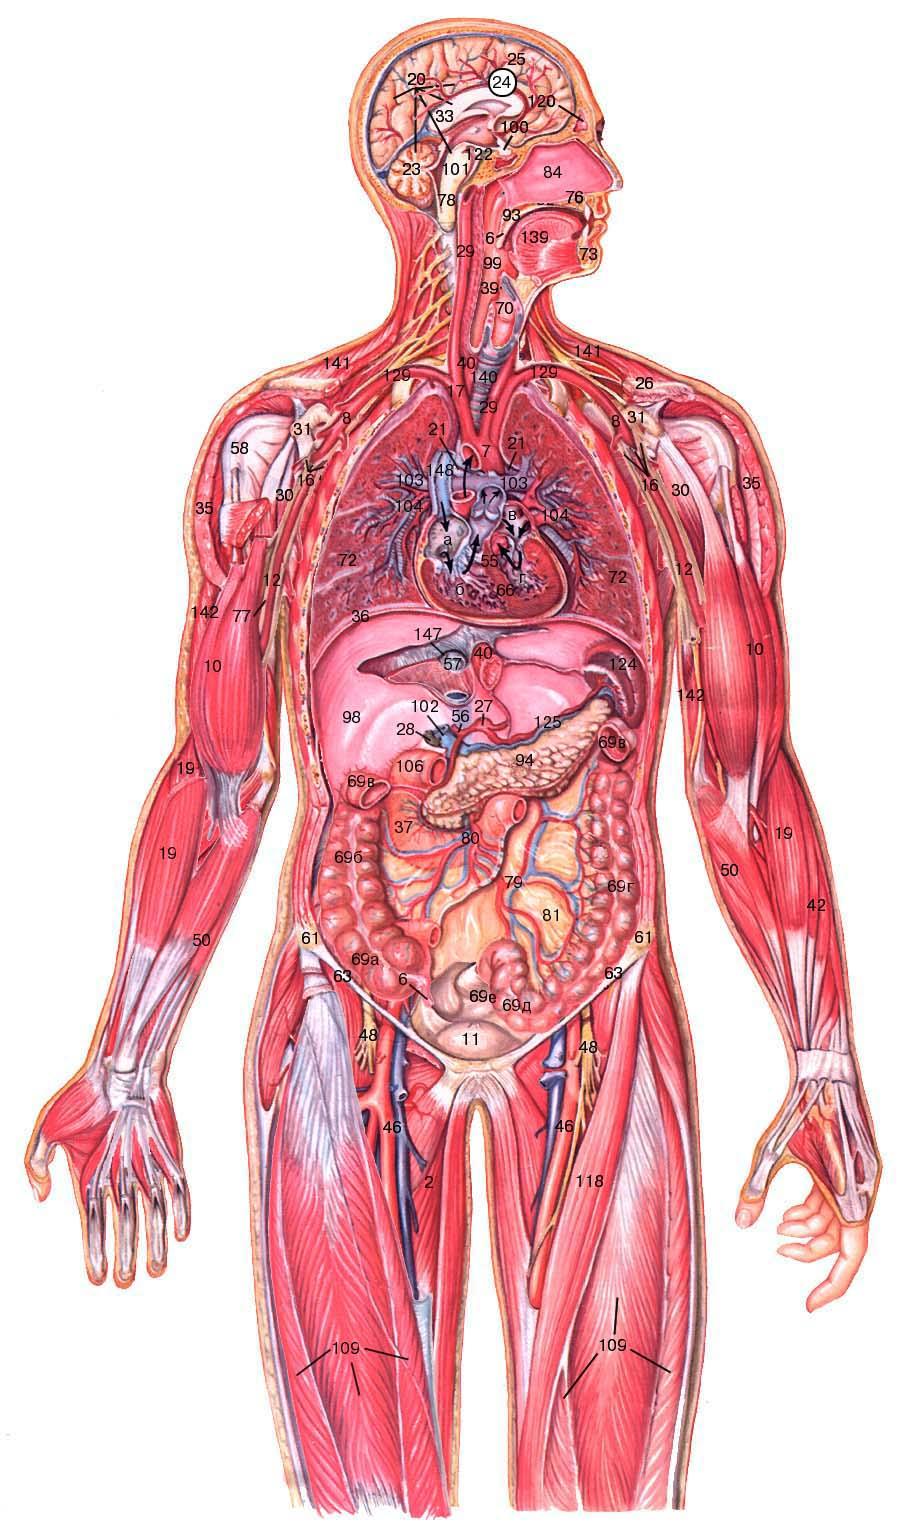 Подмышечная артерия10.  Двуглавая мышца плеча12.  Плечевая артерия16.